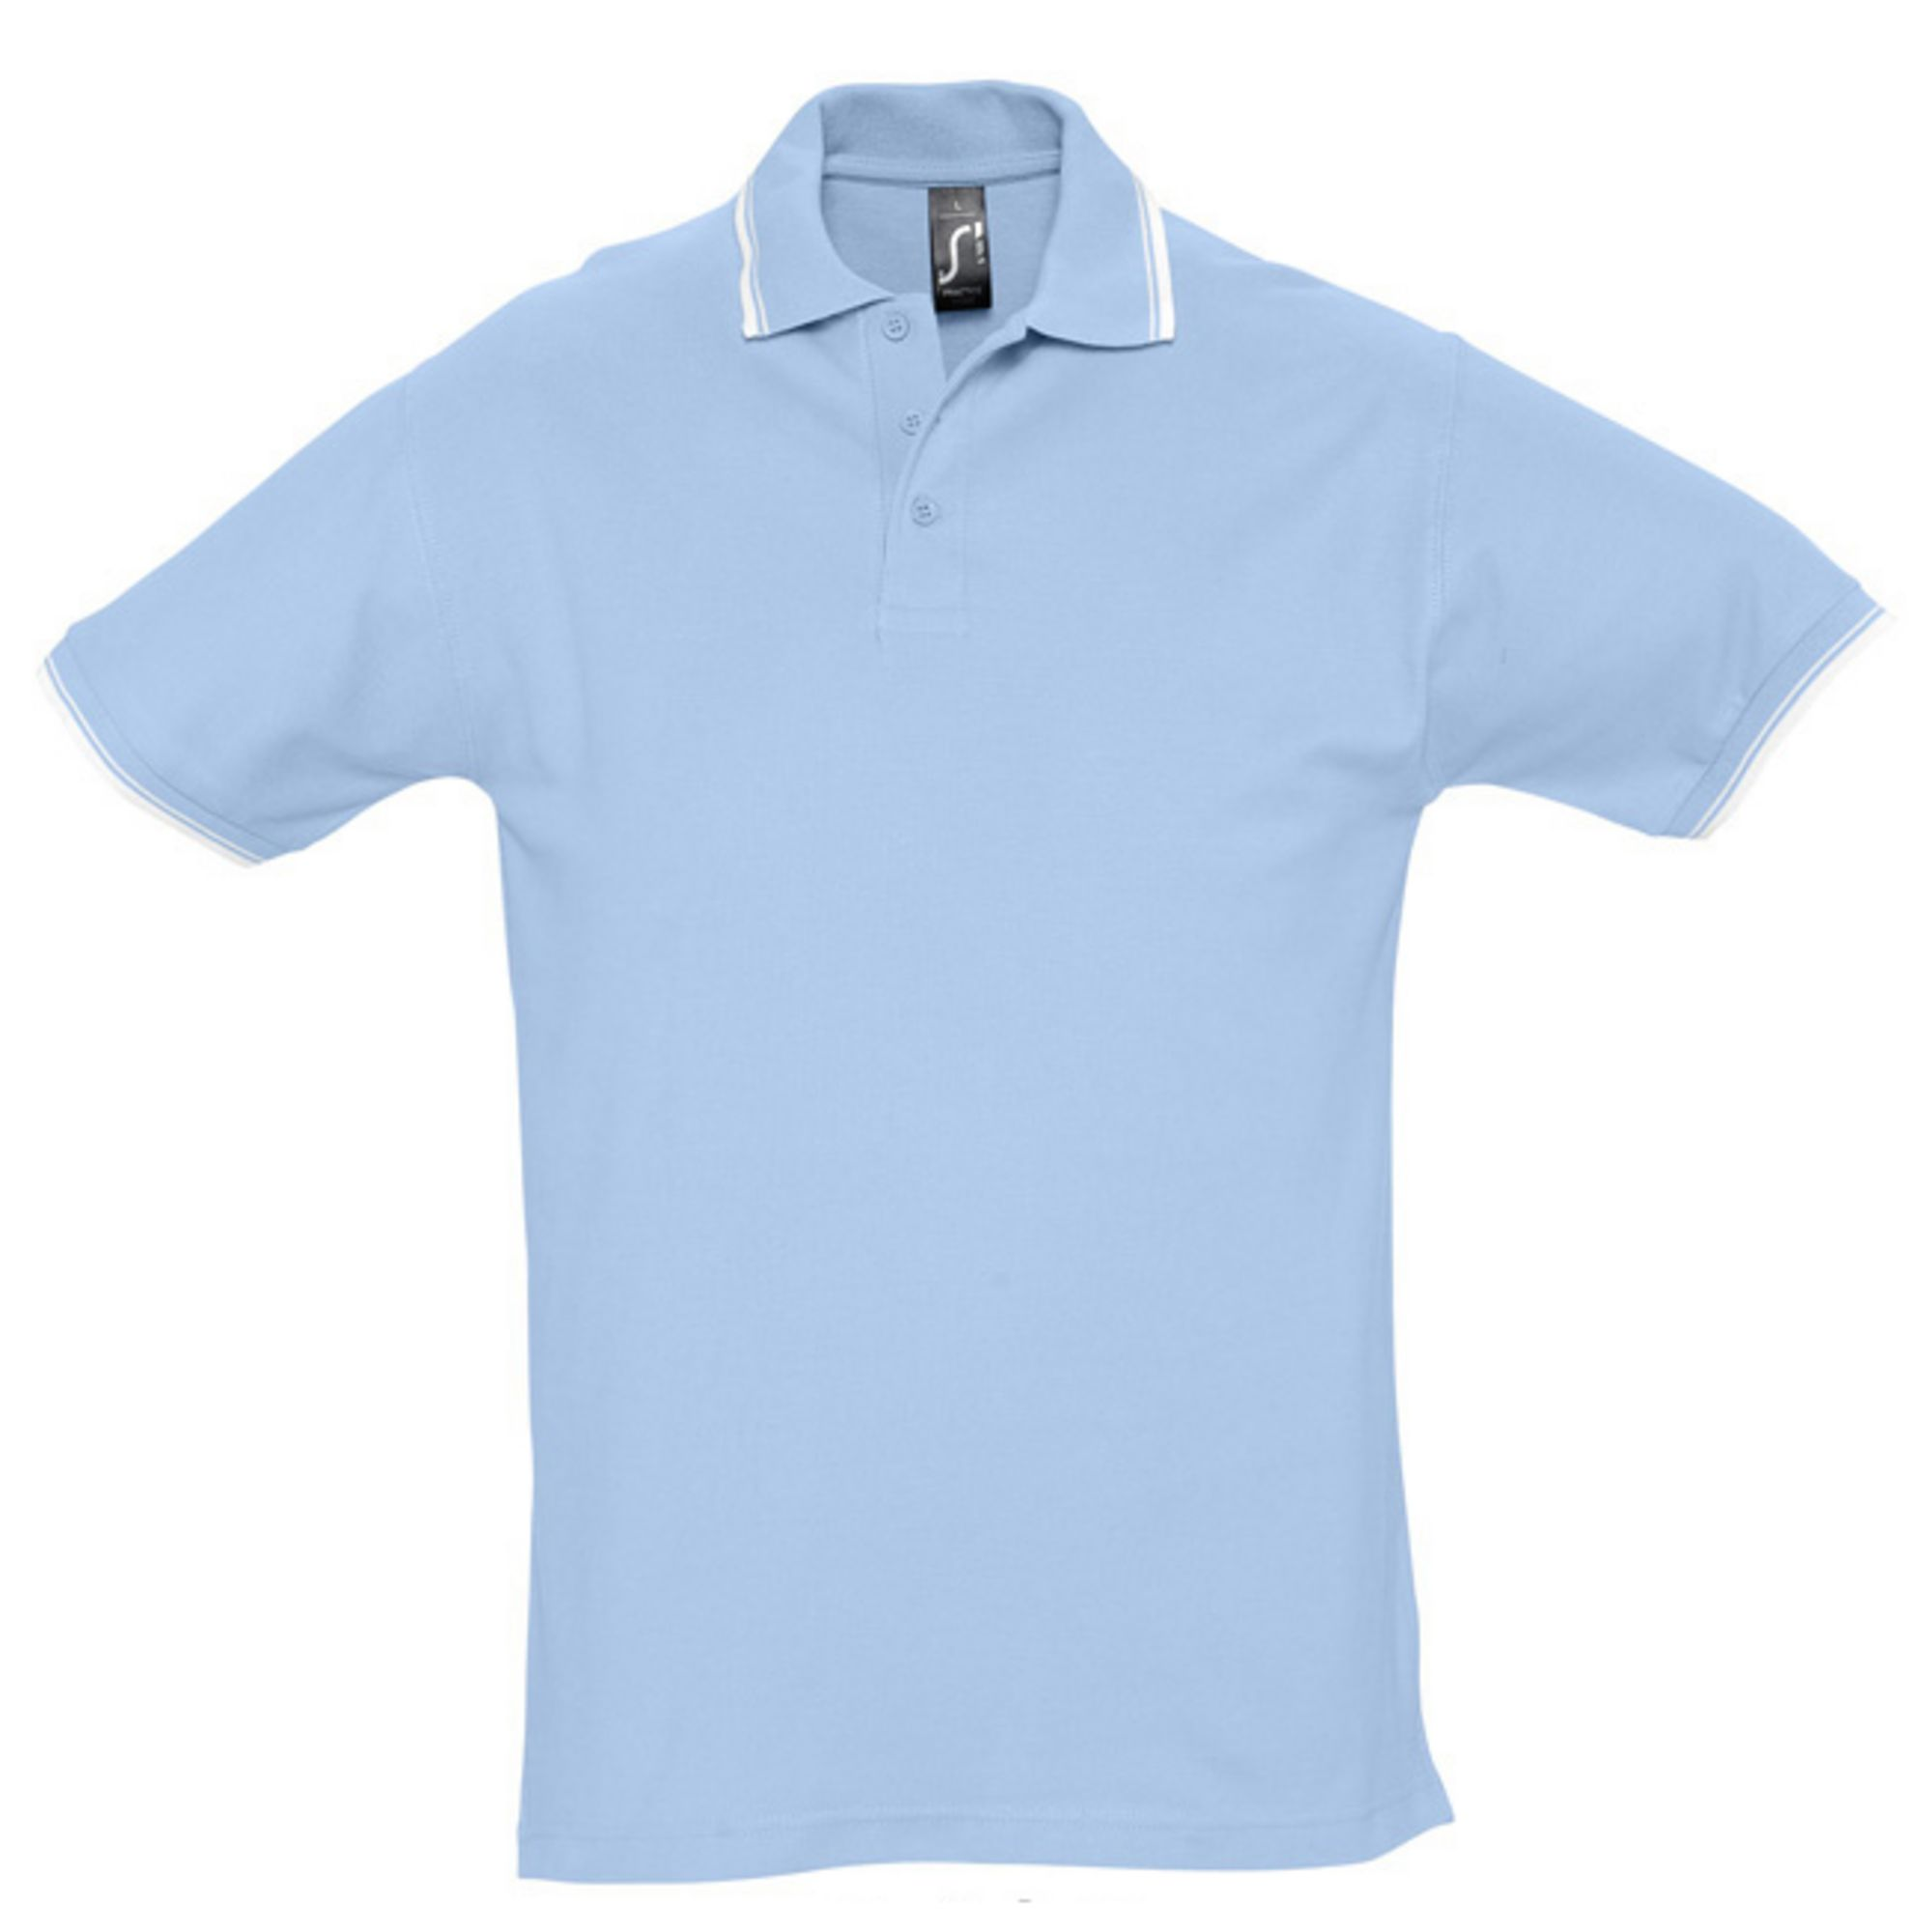 Рубашка поло мужская PRACTICE 270, голубой/белый